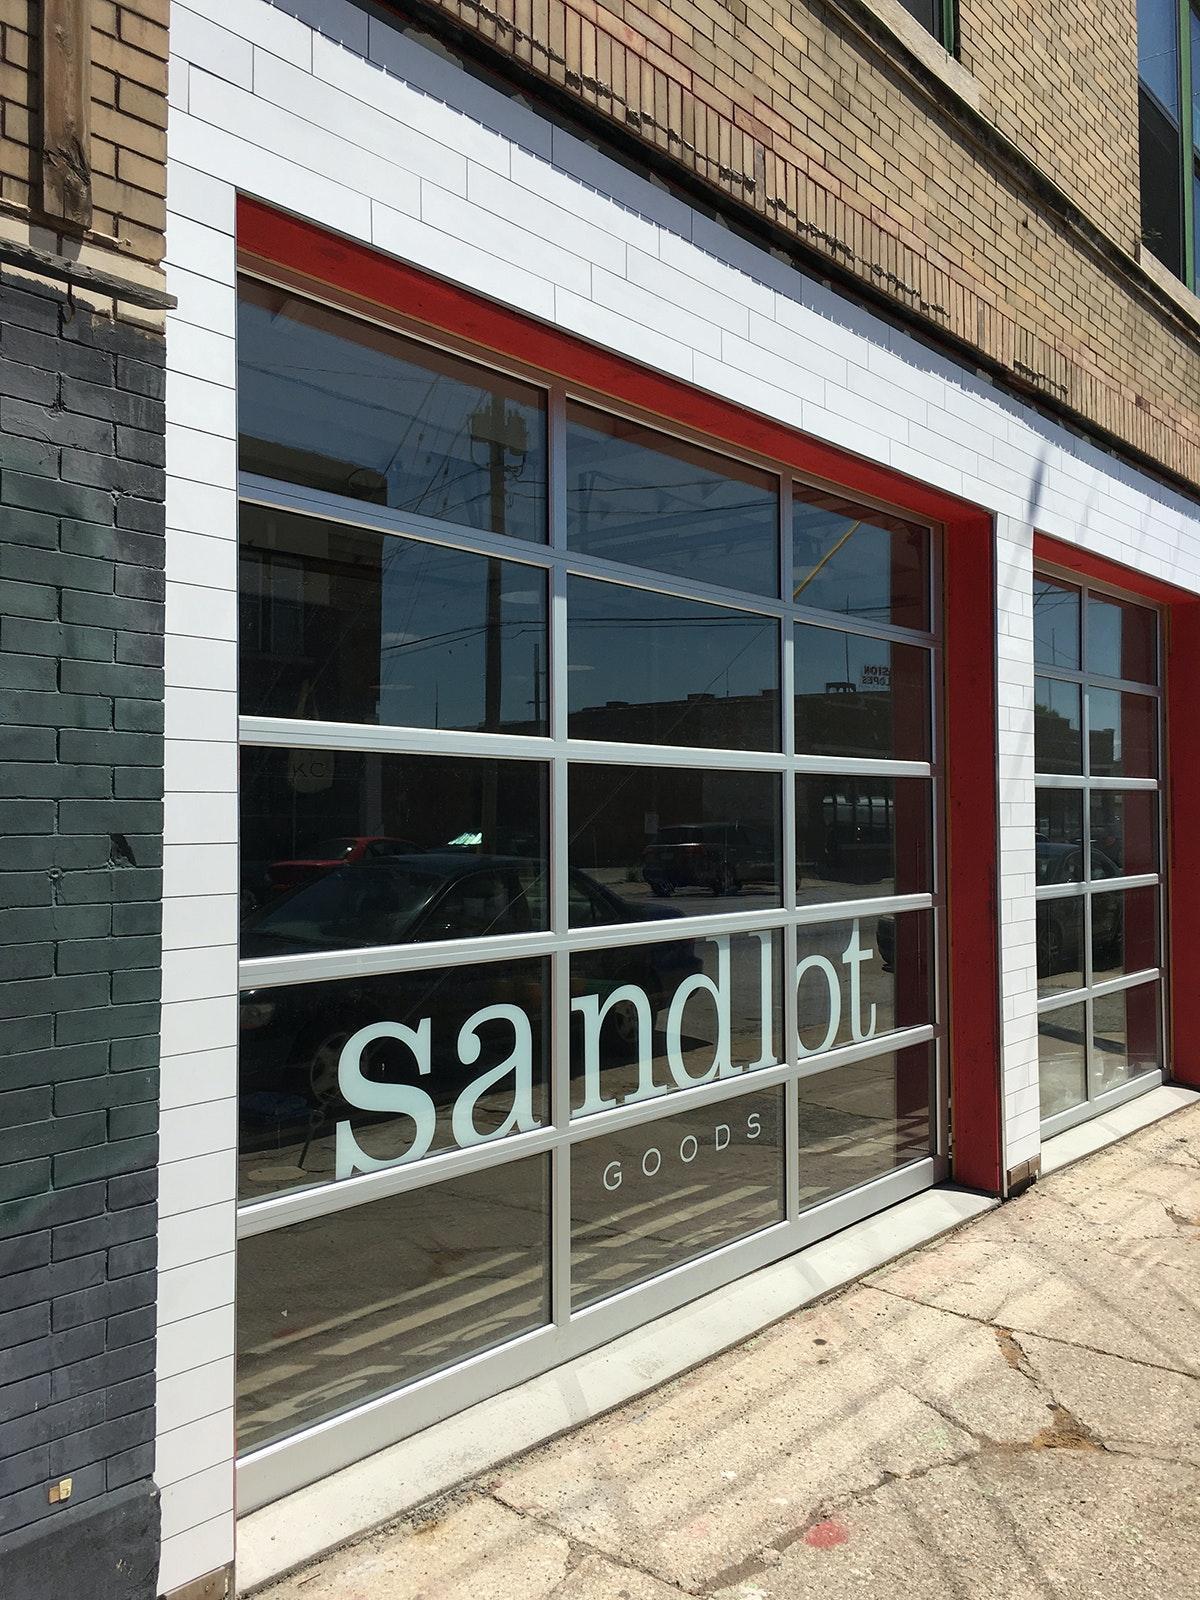 Sandlot Goods